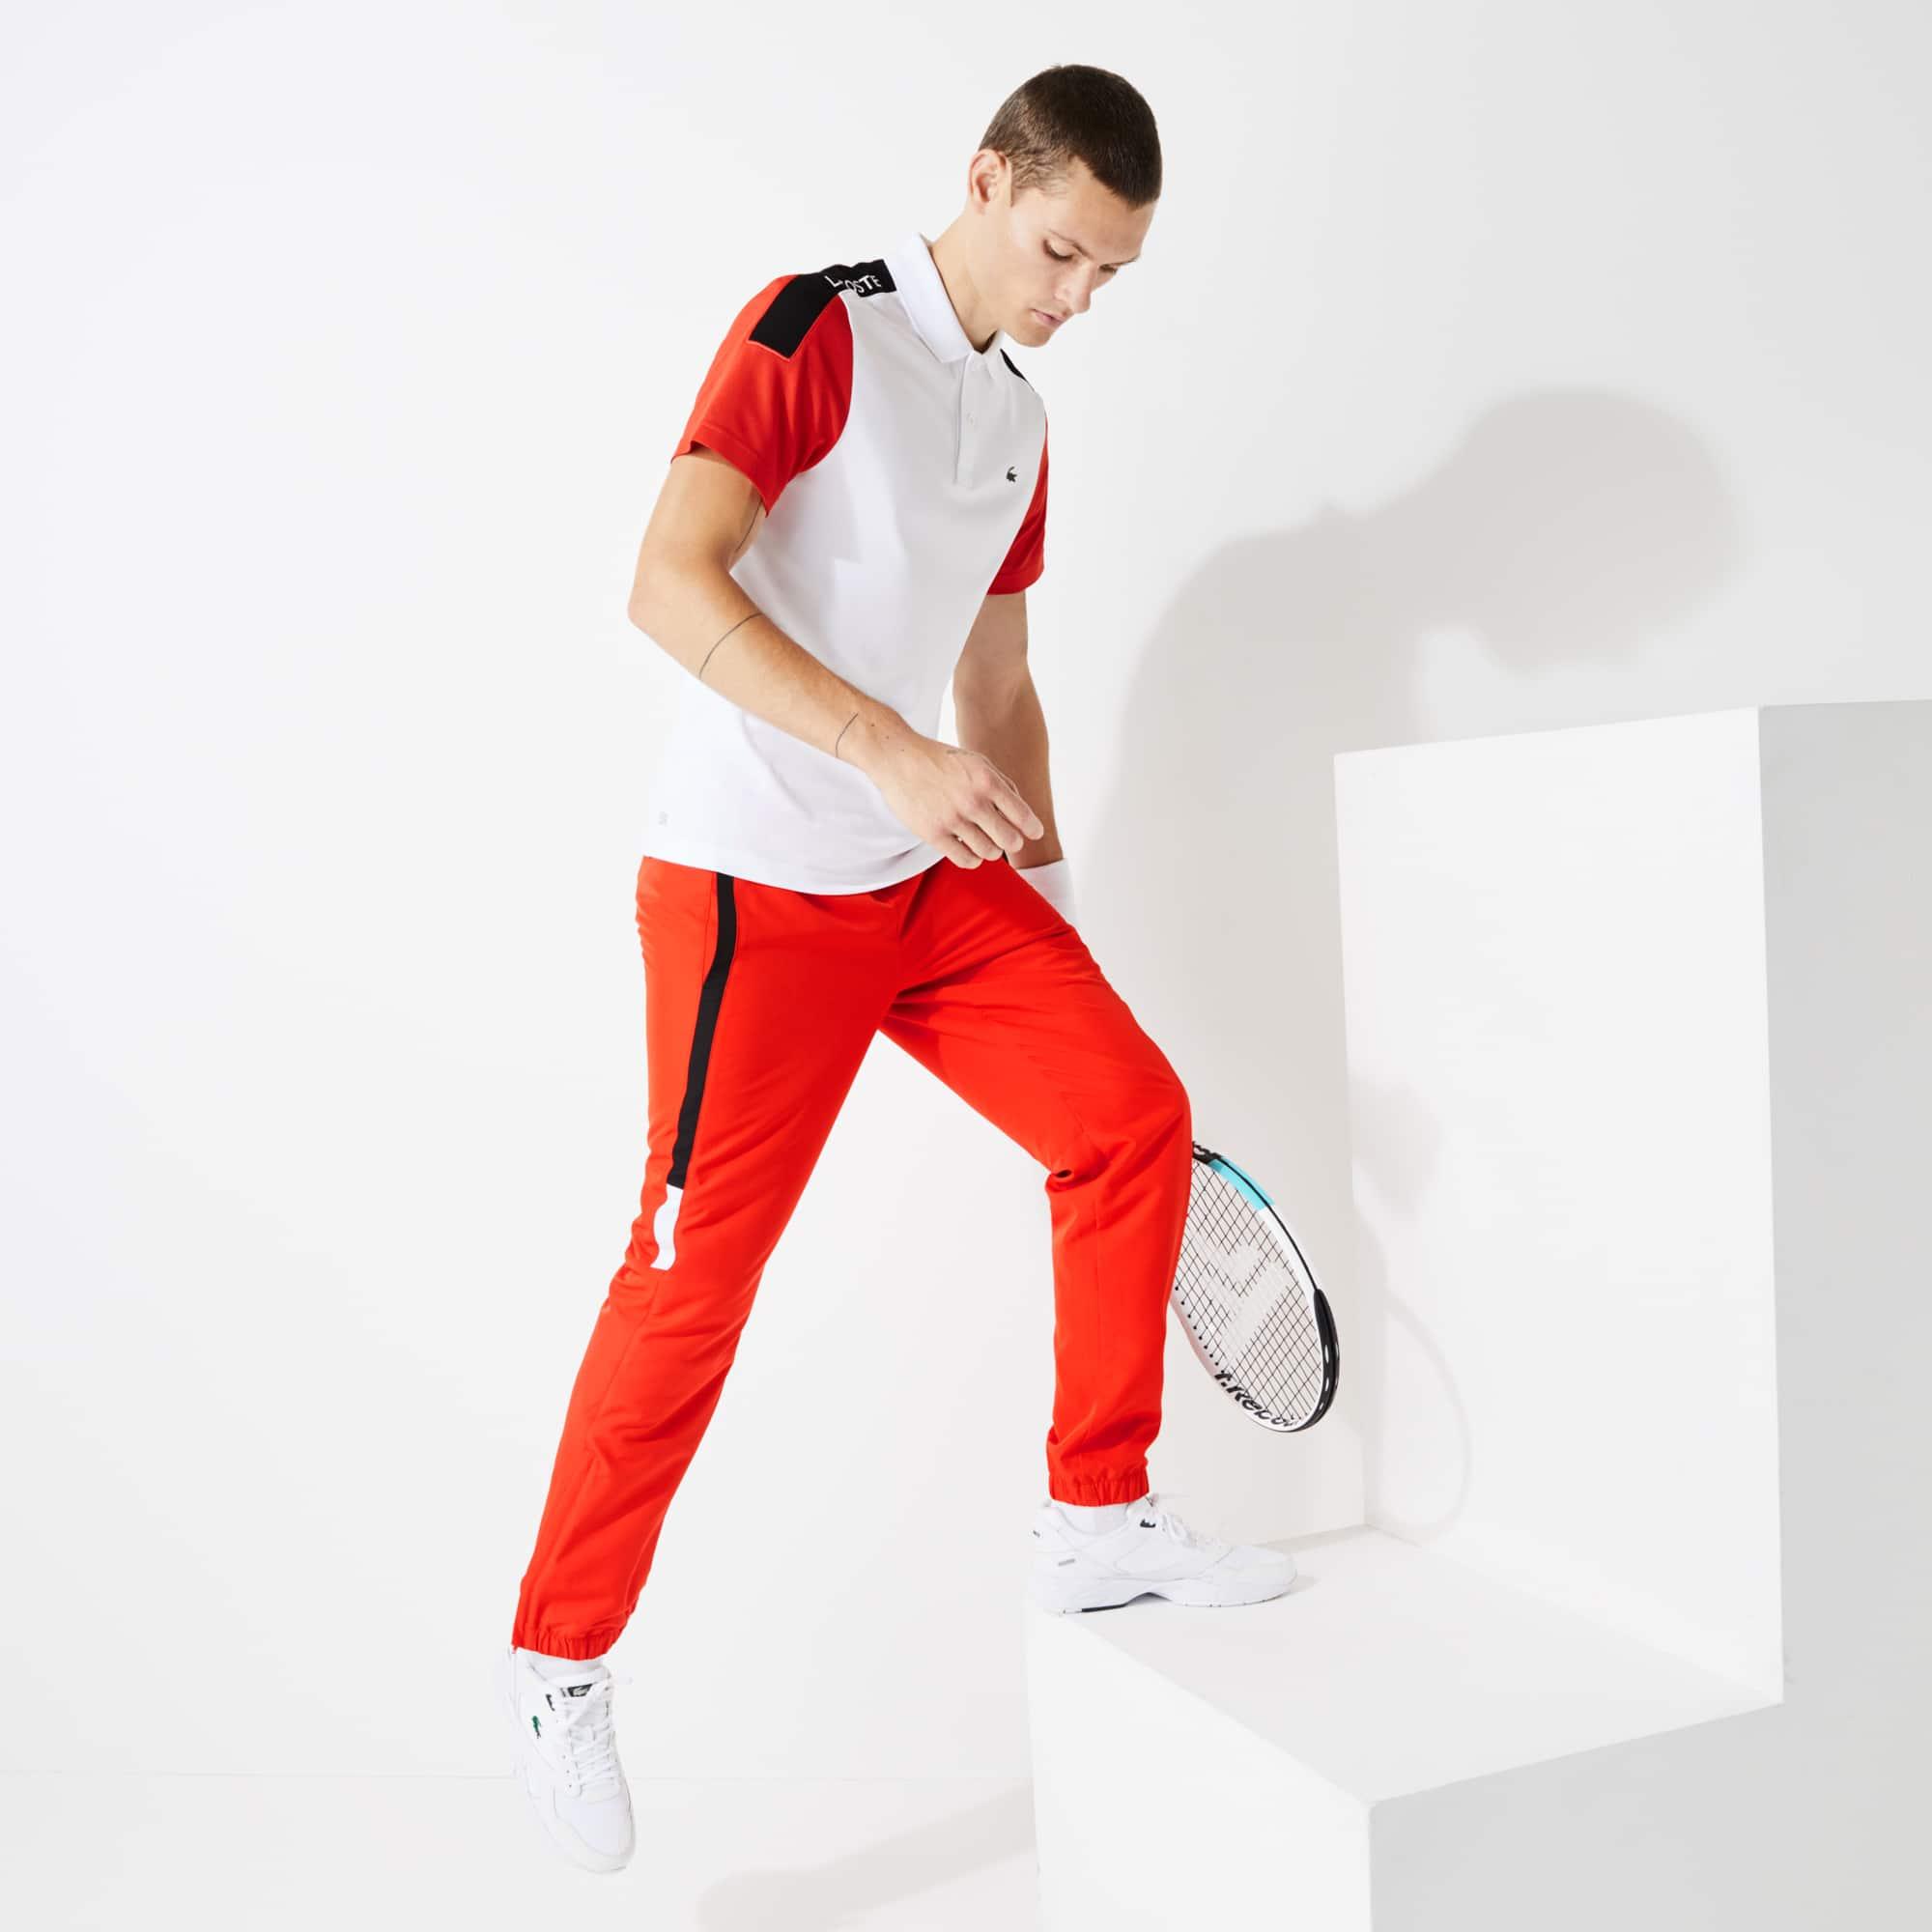 라코스테 Lacoste Mens SPORT Lightweight Color-Block Track Pants,Red / Black / White / Black - PUM (Selected colour